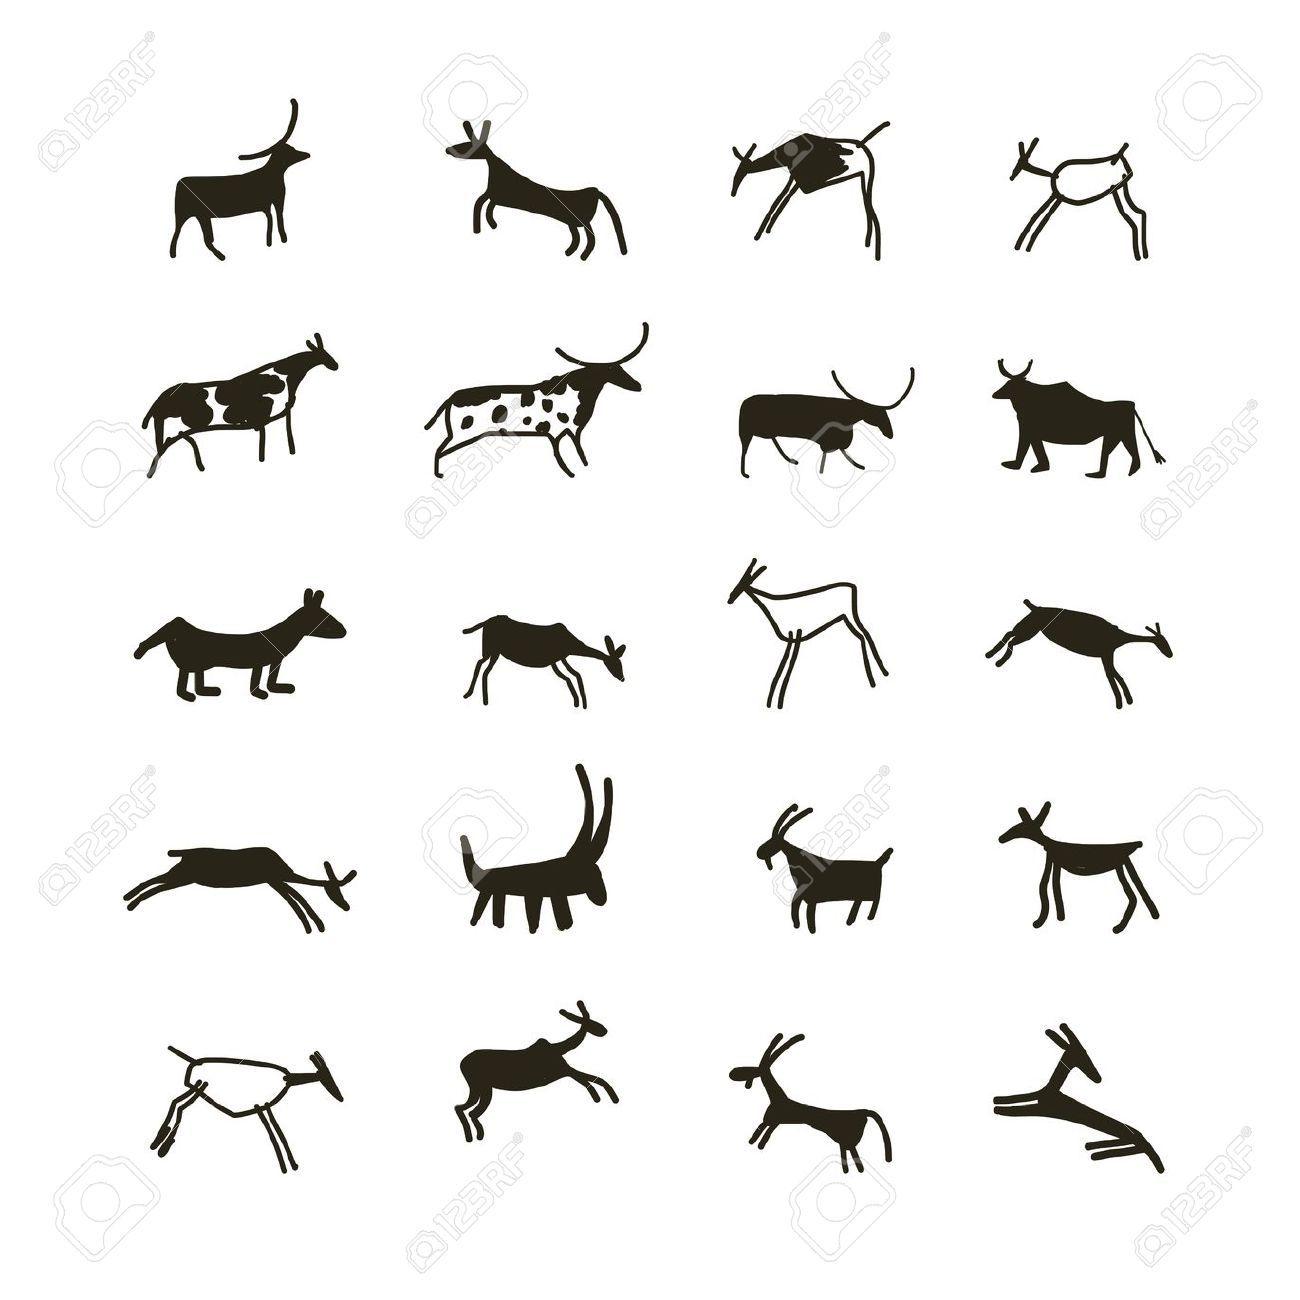 Dessins rupestres recherche google dessins reproduire drawings free illustrations et art - Coloriage grotte ...